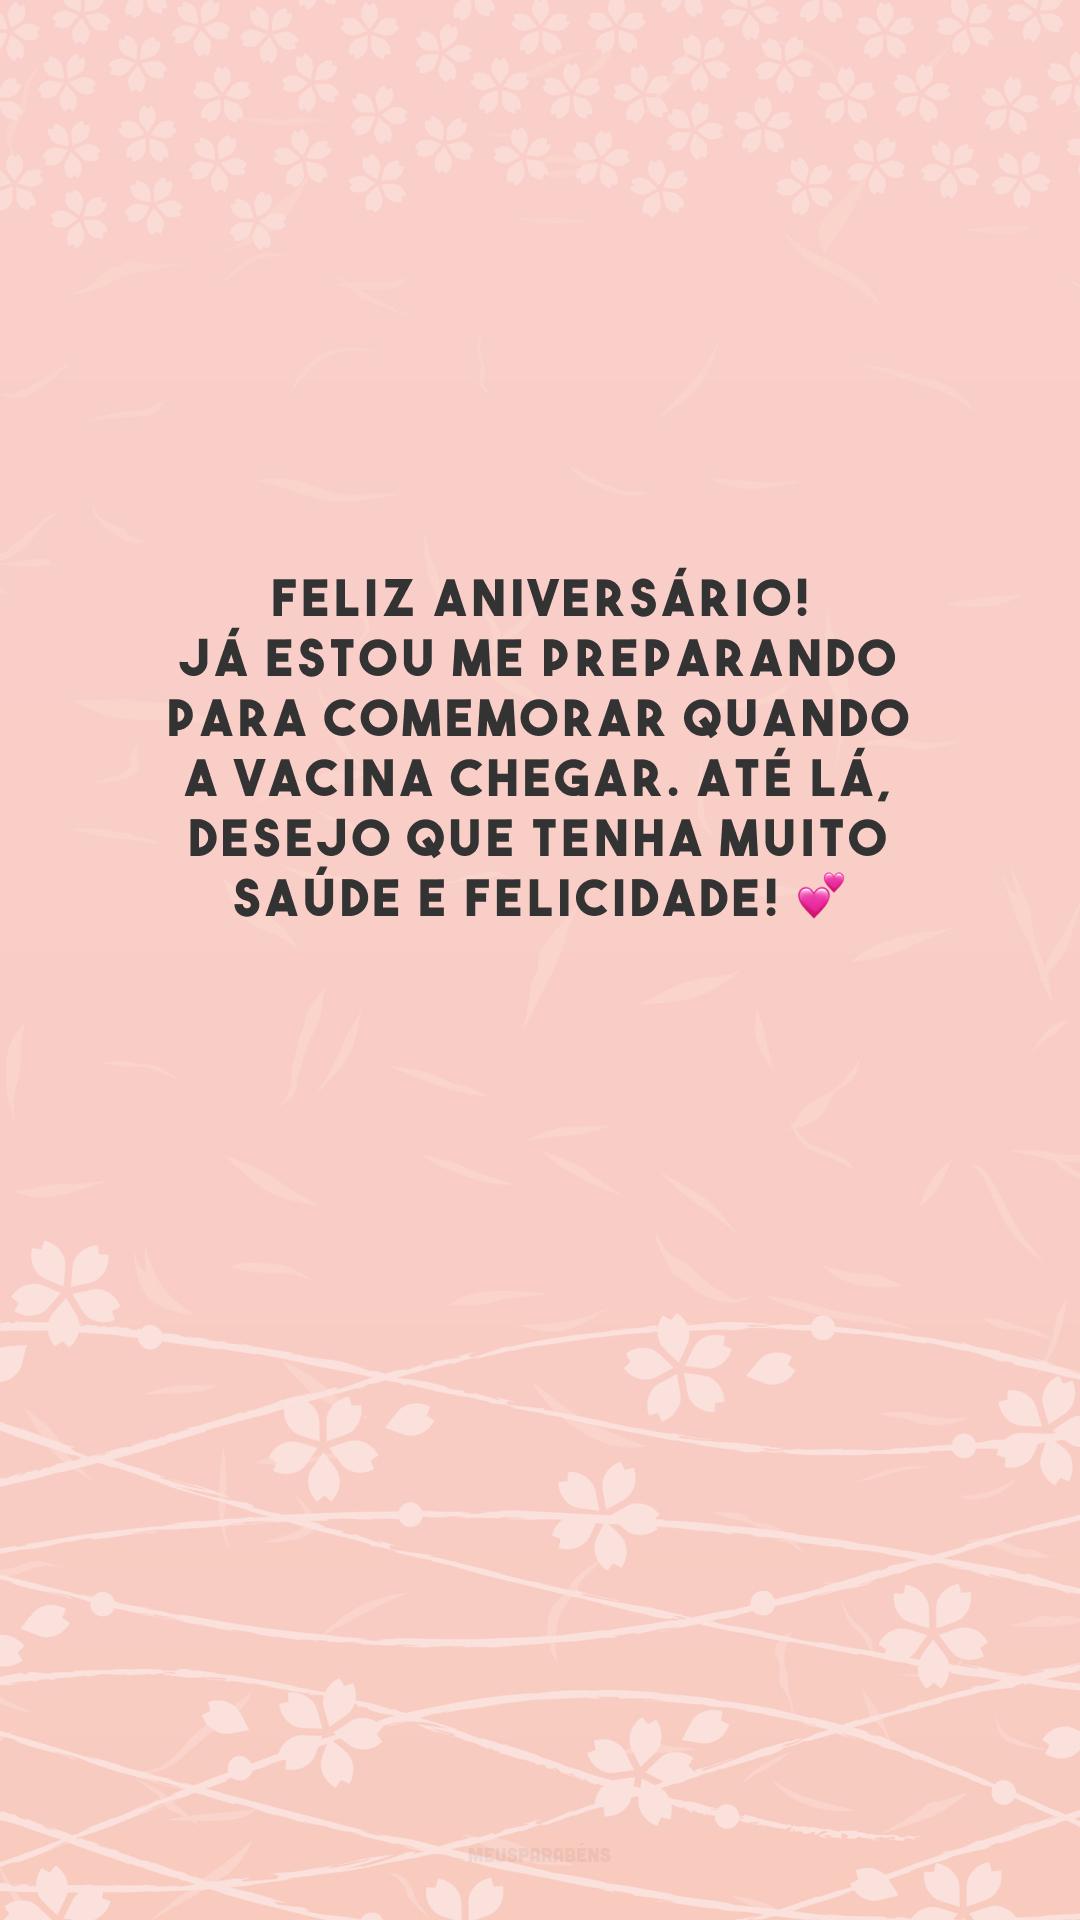 Feliz aniversário! Já estou me preparando para comemorar quando a vacina chegar. Até lá, desejo que tenha muito saúde e felicidade! 💕